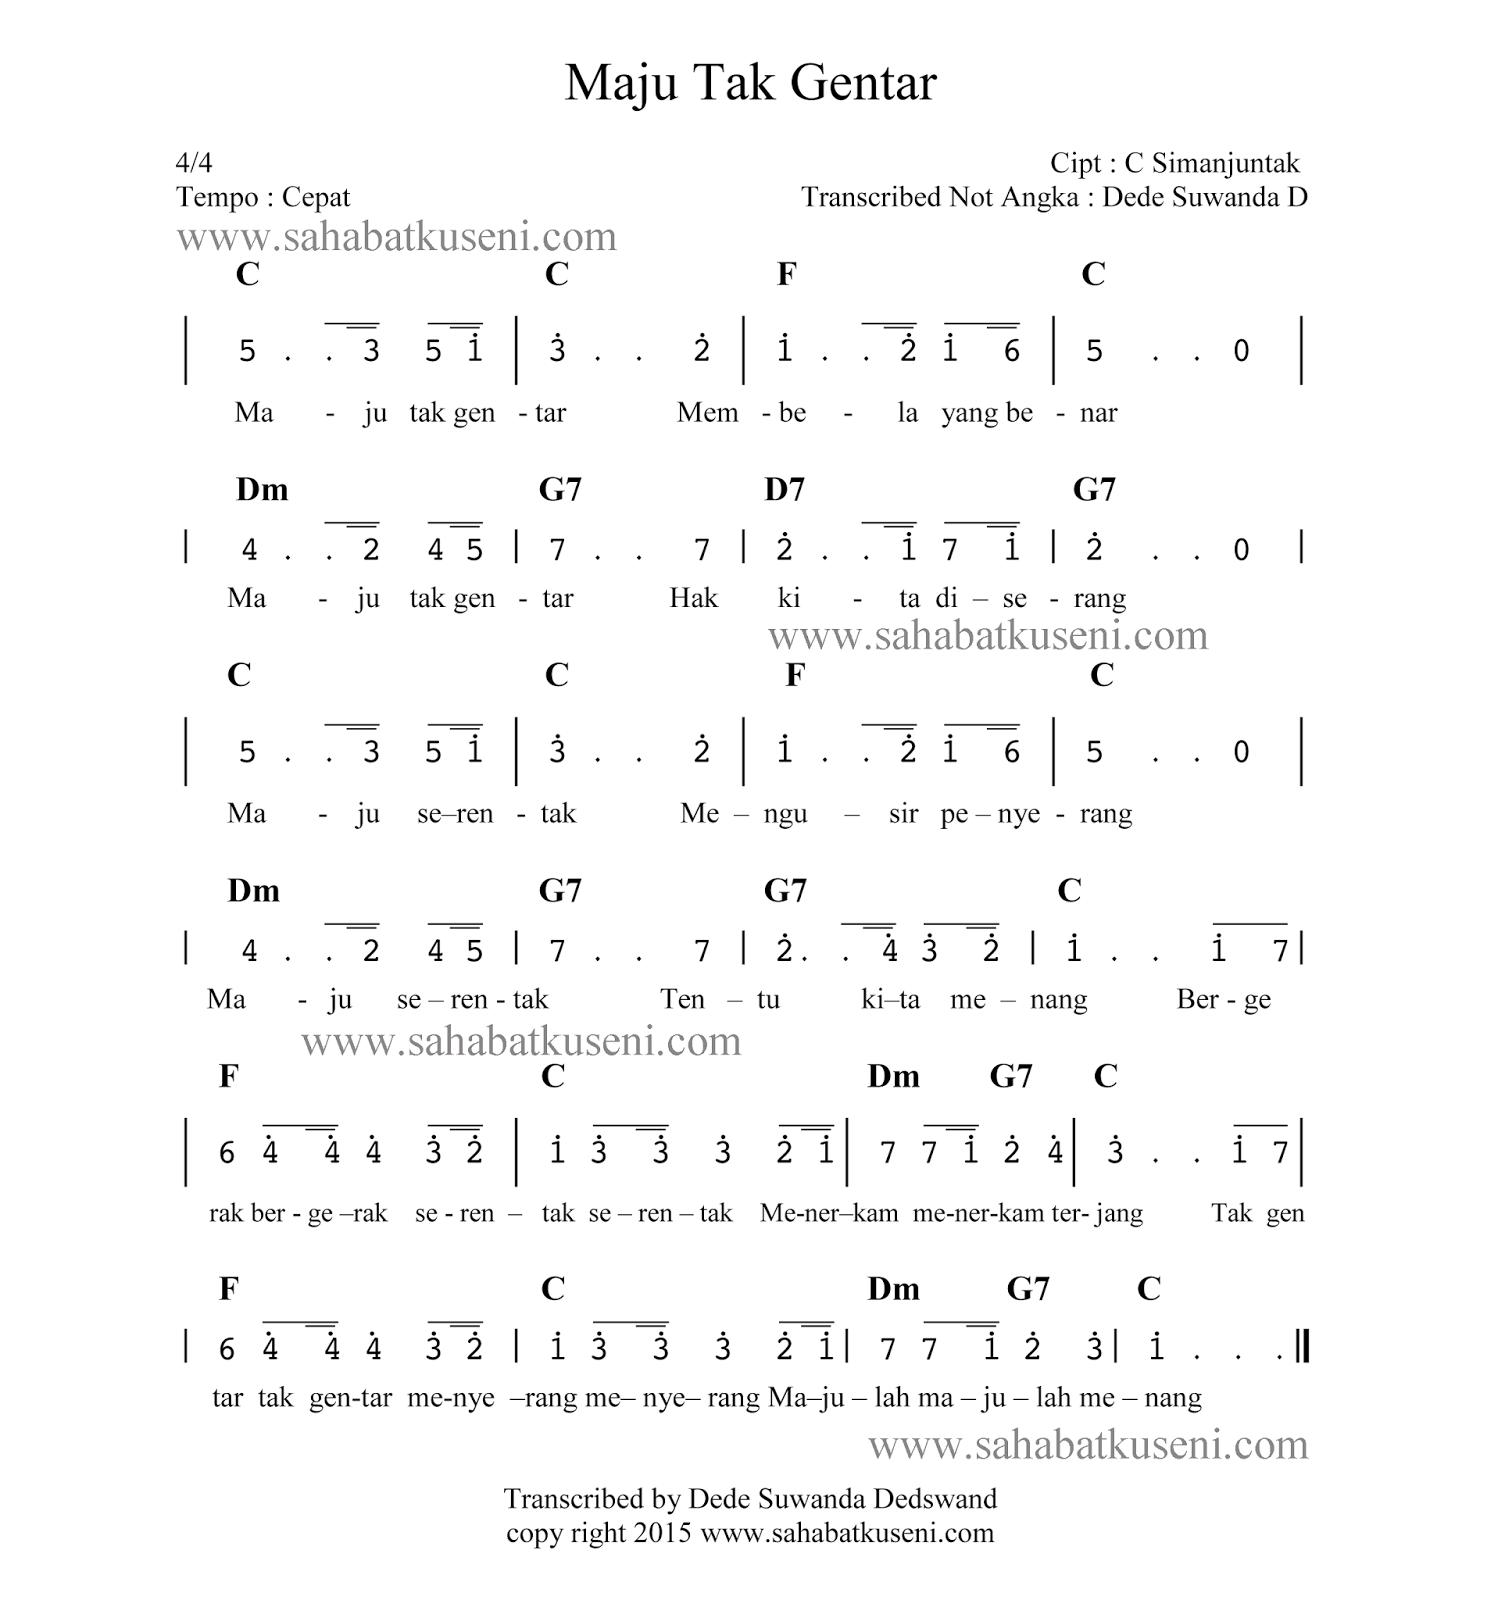 Not Angka Lagu Maju Tak Gentar C Simanjuntak Lagu Lirik Lagu Pianika